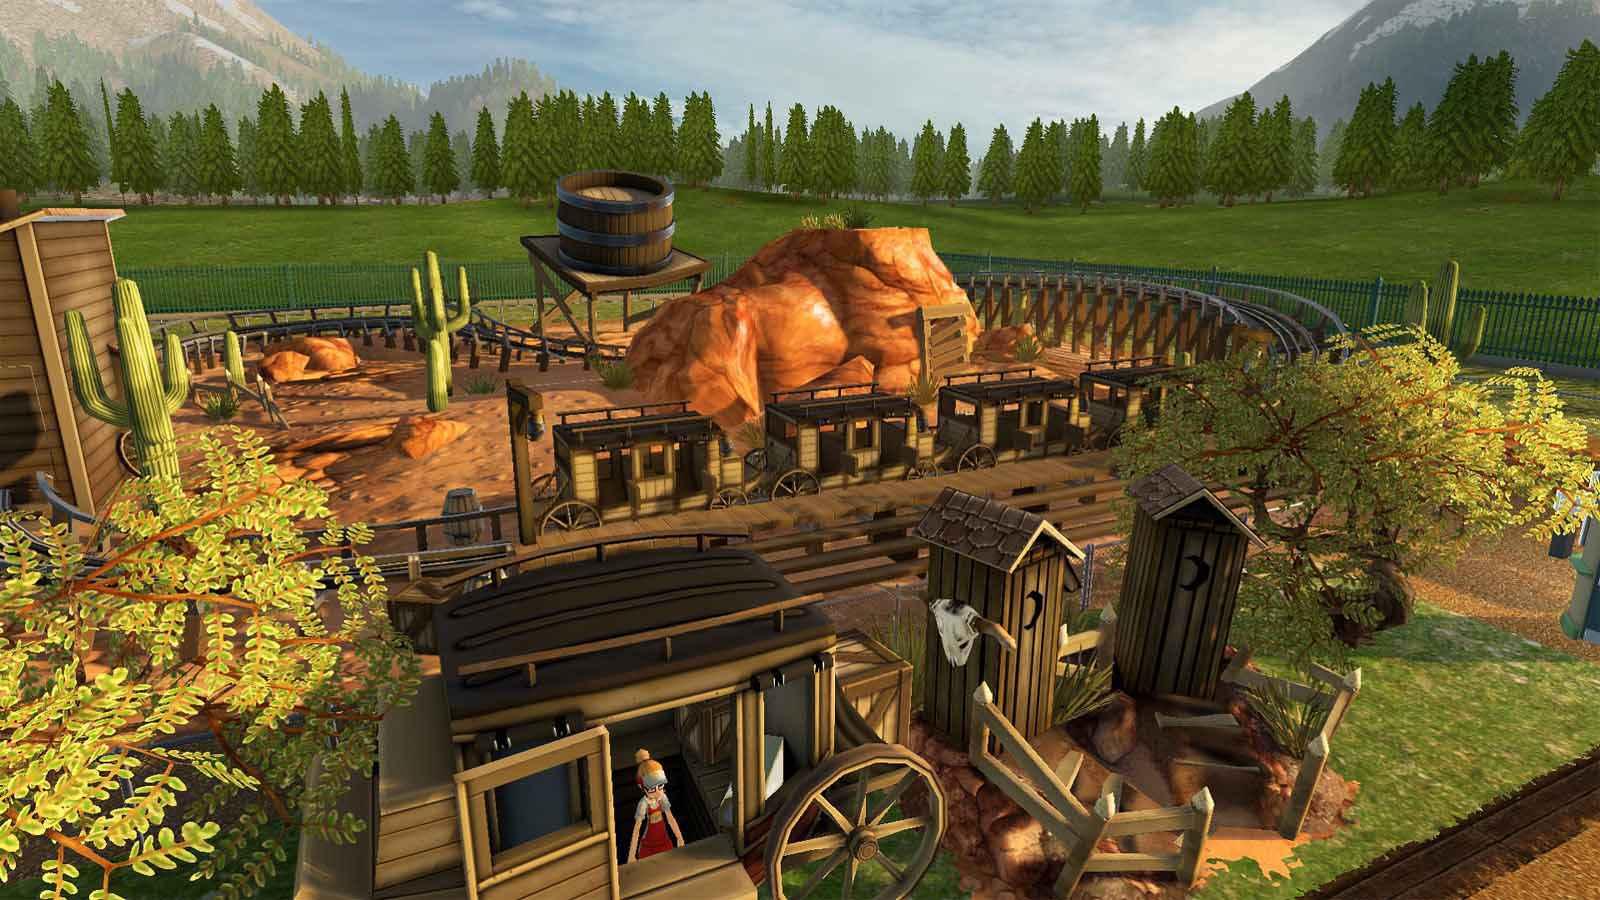 تحميل لعبة RollerCoaster Tycoon World مضغوطة برابط واحد مباشر + تورنت كاملة مجانا